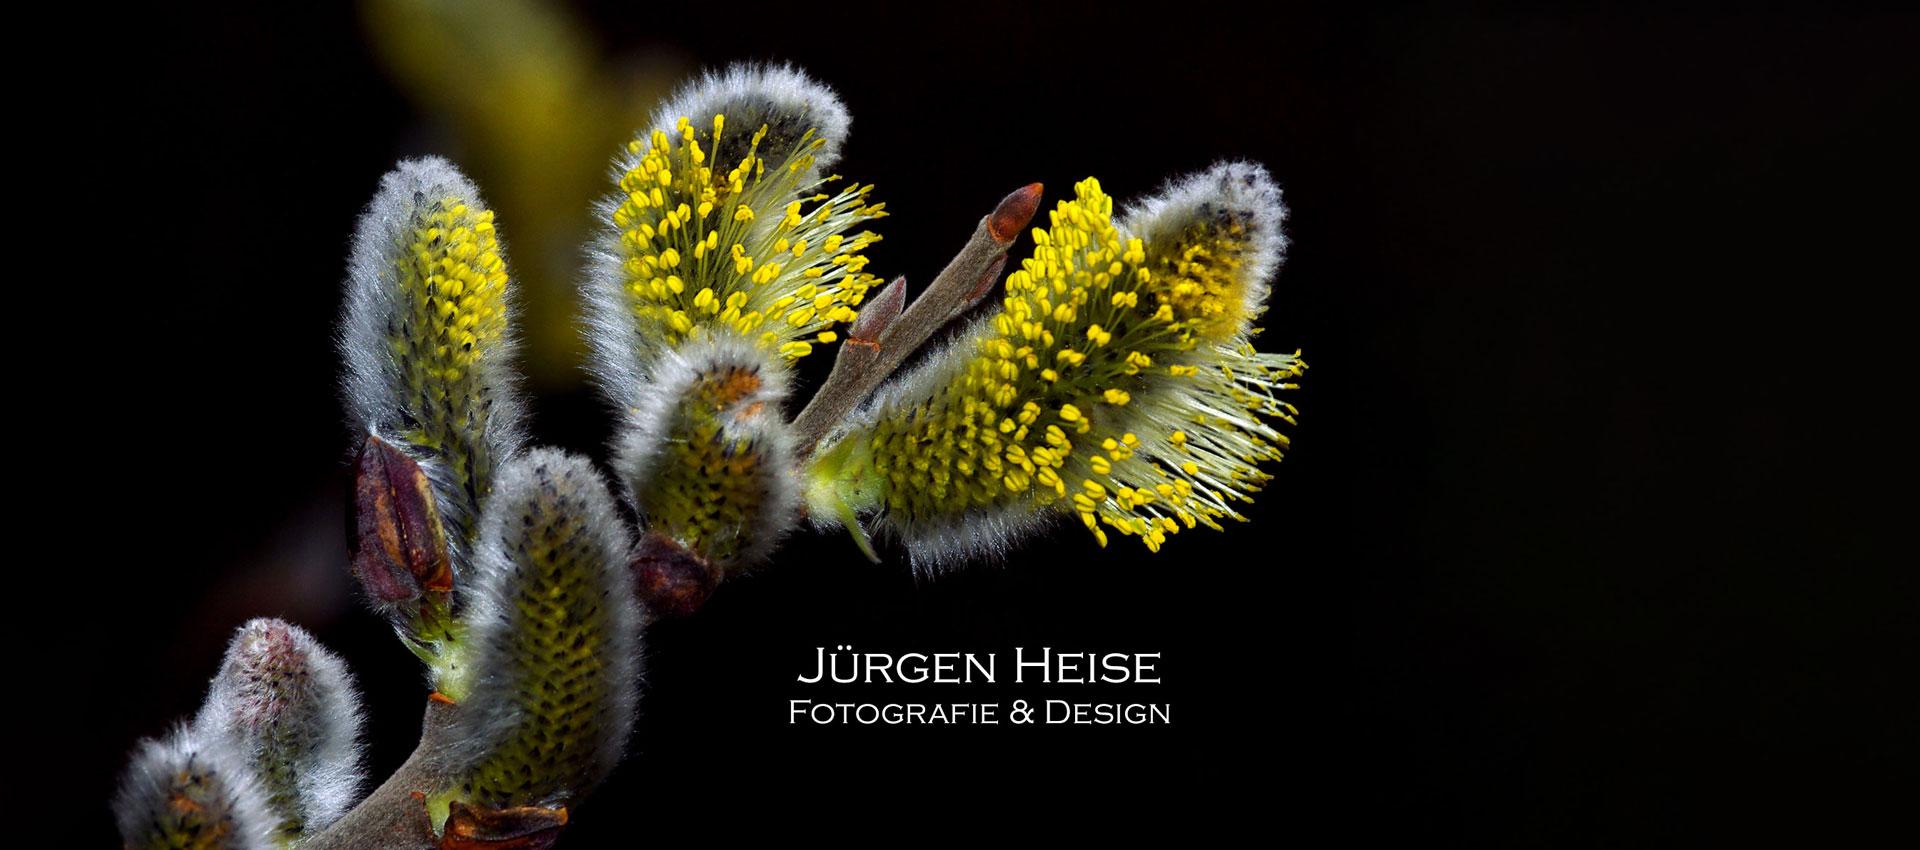 bildermobil Juergen Heise Startbild